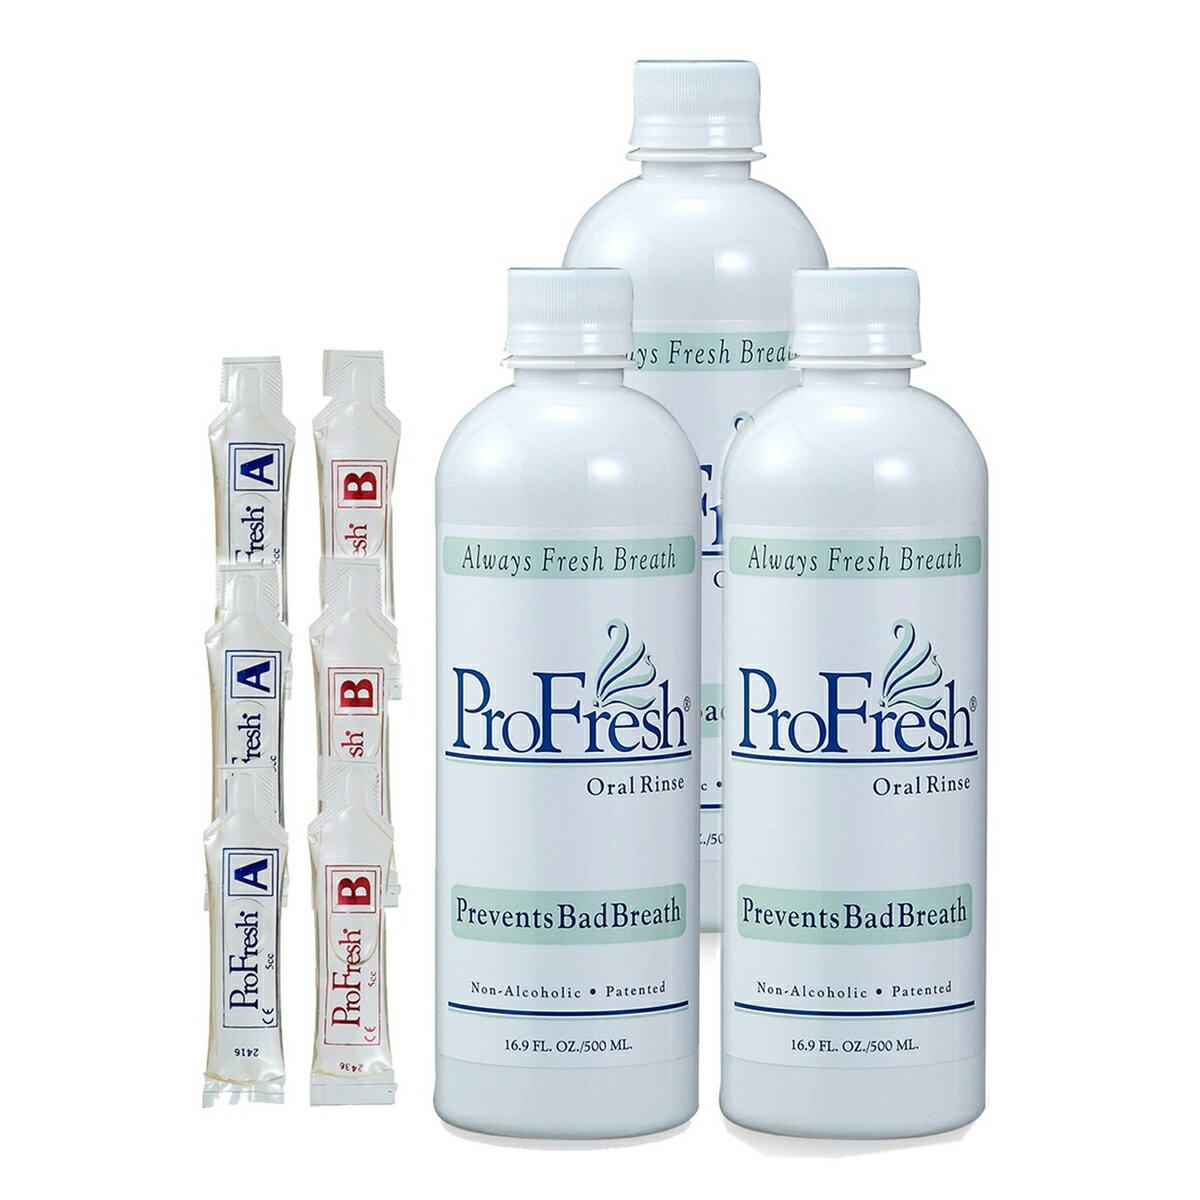 【送料無料】3本セット オーラルケア マウスウォッシュ CLO2 プロフレッシュ オーラルリンス 口臭 対策 予防 酸素 長時間予防 ProFresh